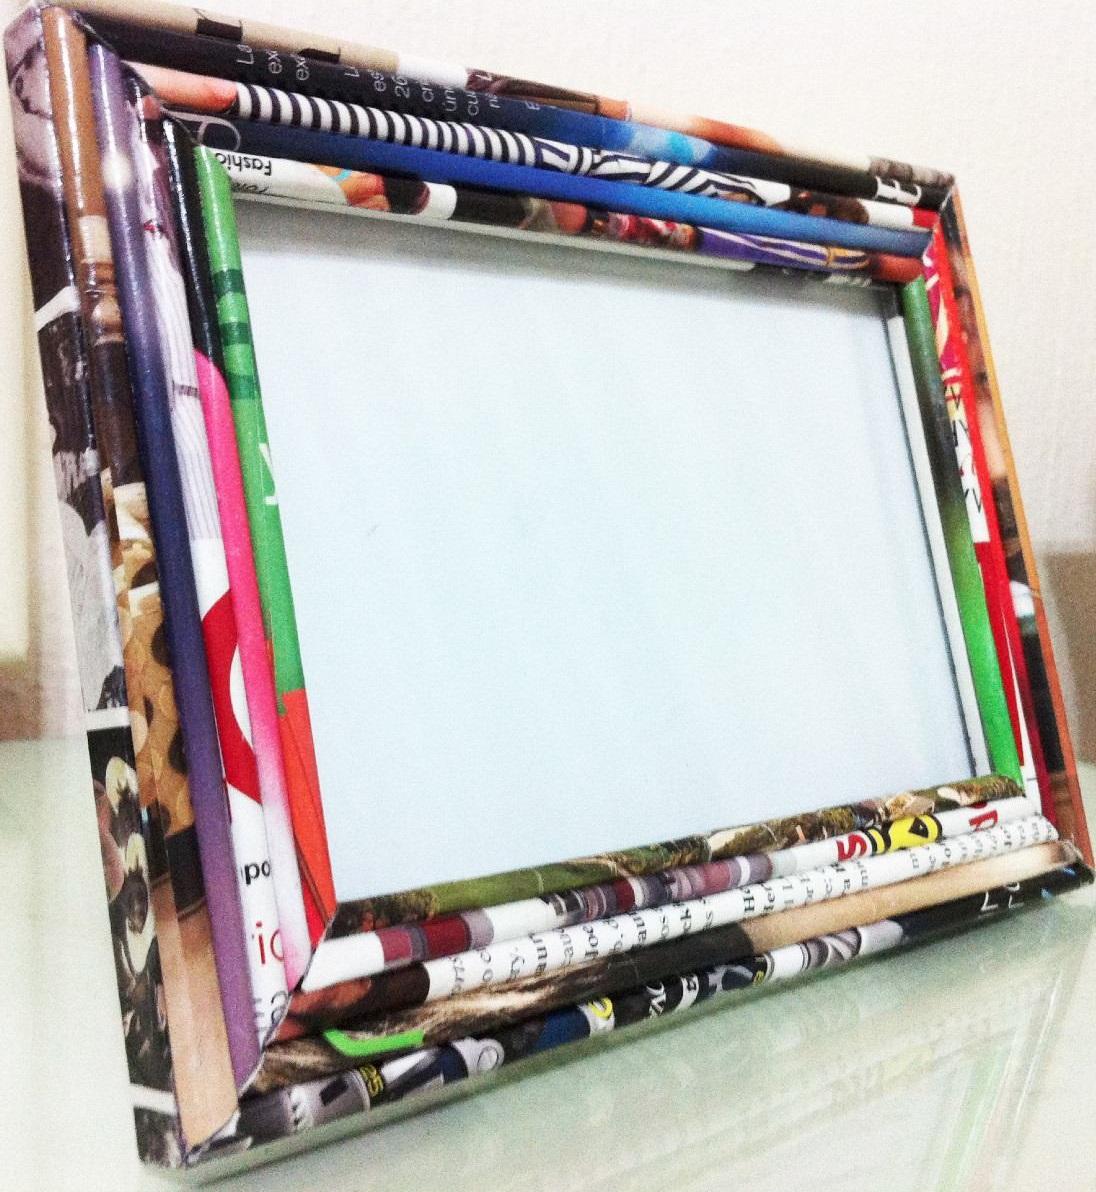 Todo sobre manualidades y artesan as manualidades para hacer en casa - Que hacer para no aburrirse en casa ...